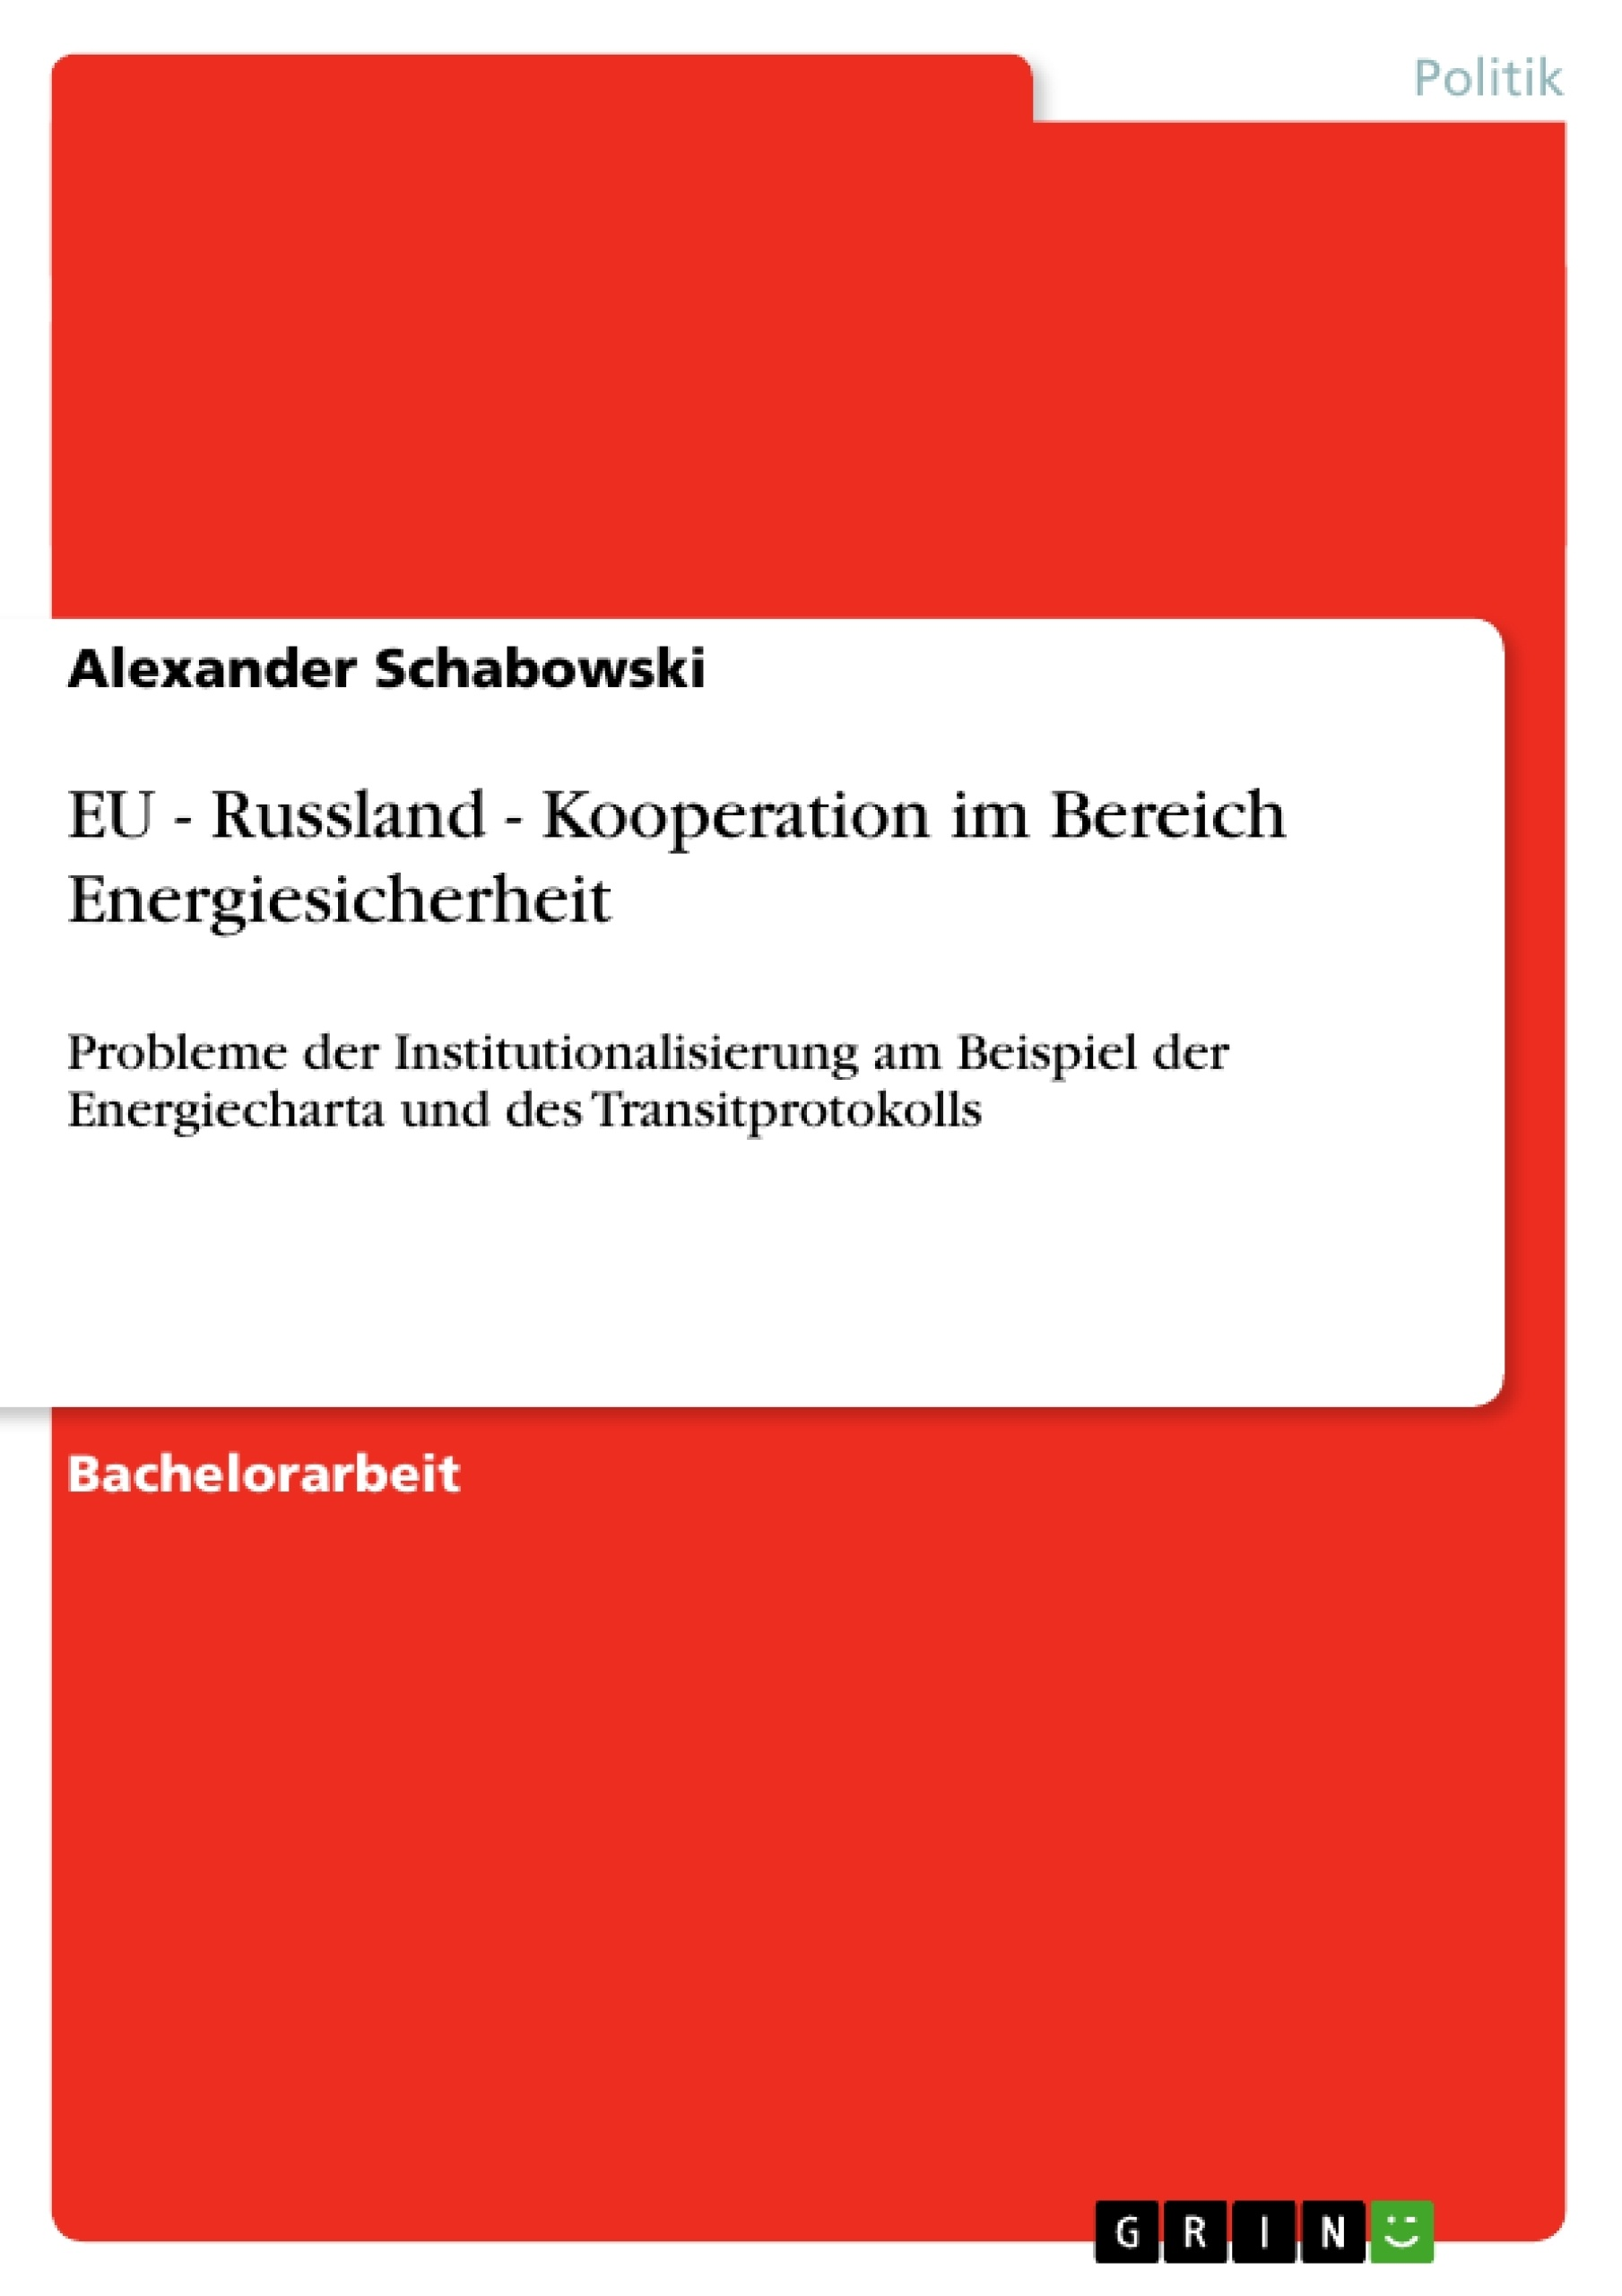 Titel: EU - Russland - Kooperation im Bereich Energiesicherheit